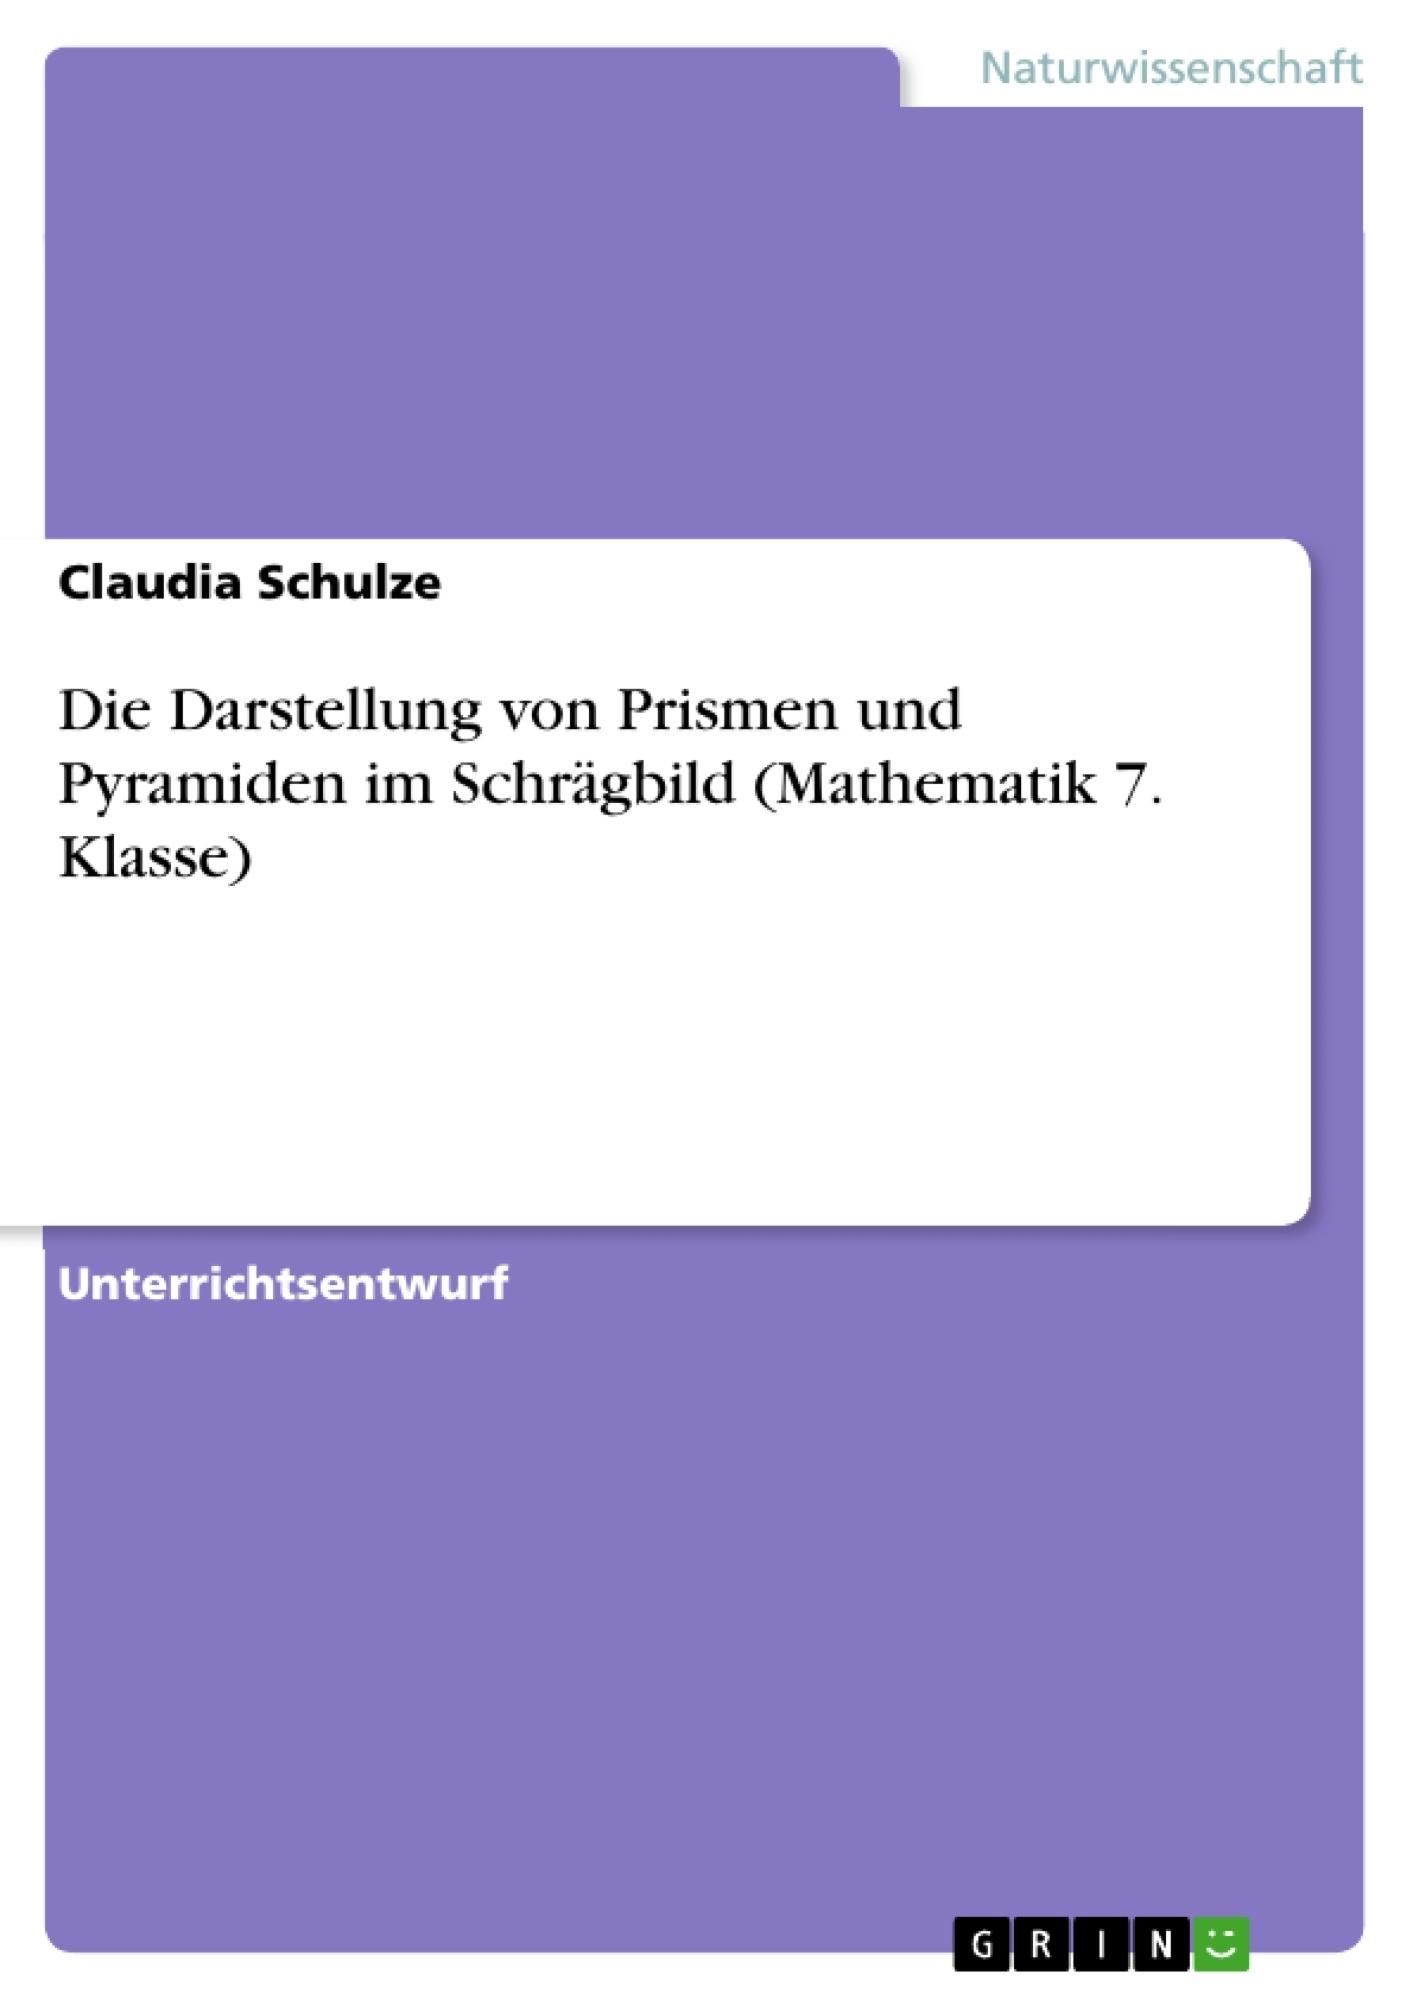 Die Darstellung von Prismen und Pyramiden im Schrägbild ...